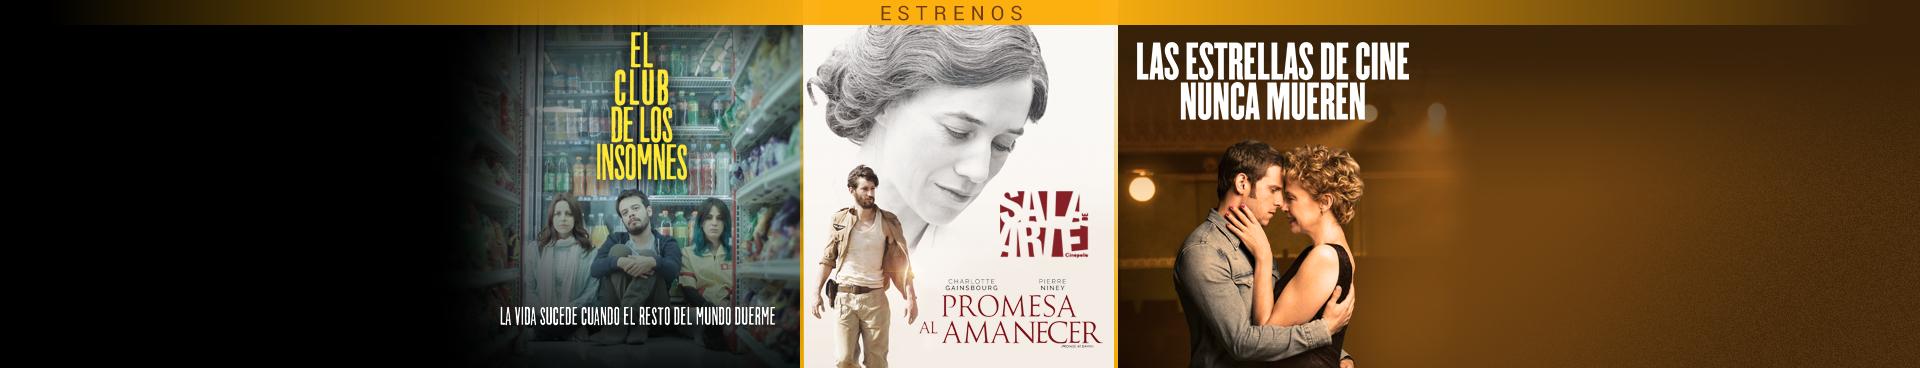 Estrenos (El club de los insomnes / Promesa al amanecer / Las estrellas de cine nunca mueren)